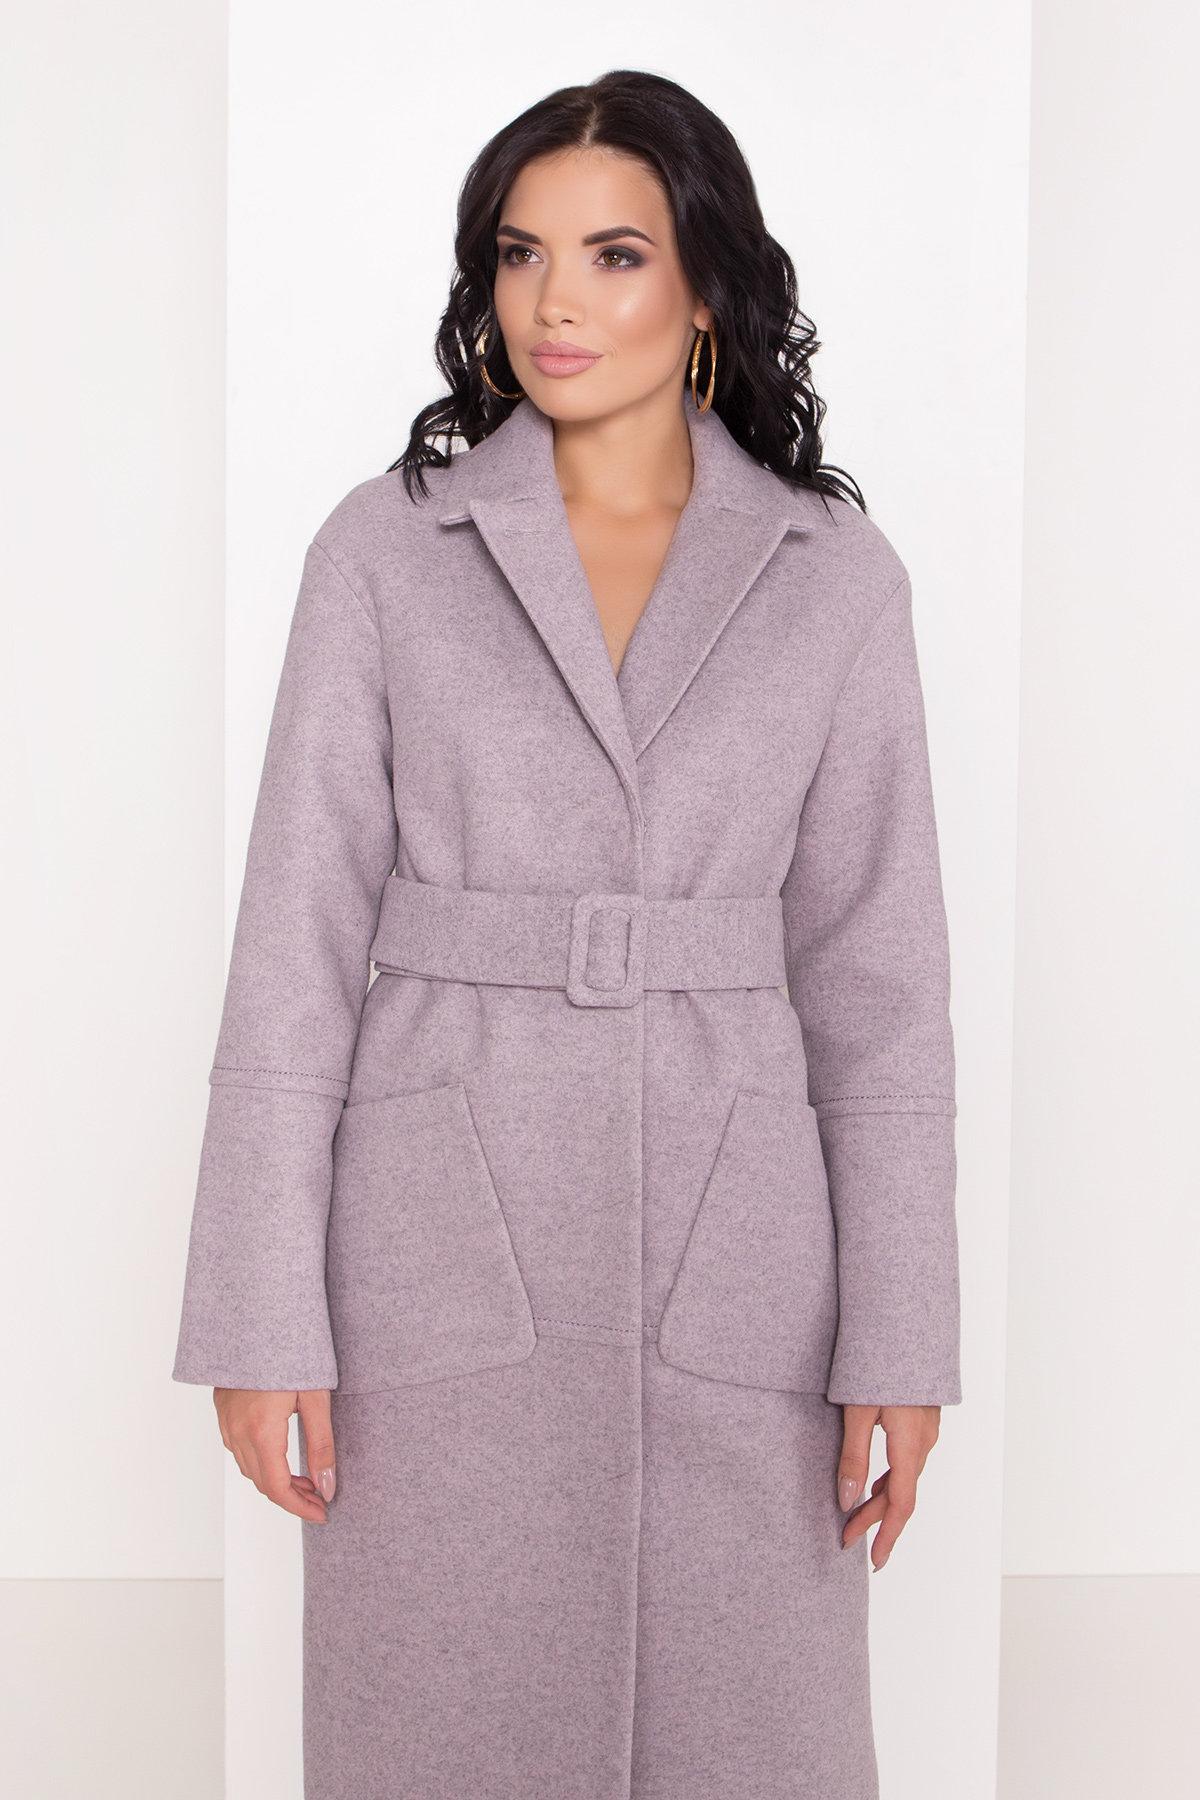 Элегантное зимнее пальто миди длины с накладными карманами Флорида 8138 АРТ. 44094 Цвет: Серо-розовый 46 - фото 6, интернет магазин tm-modus.ru